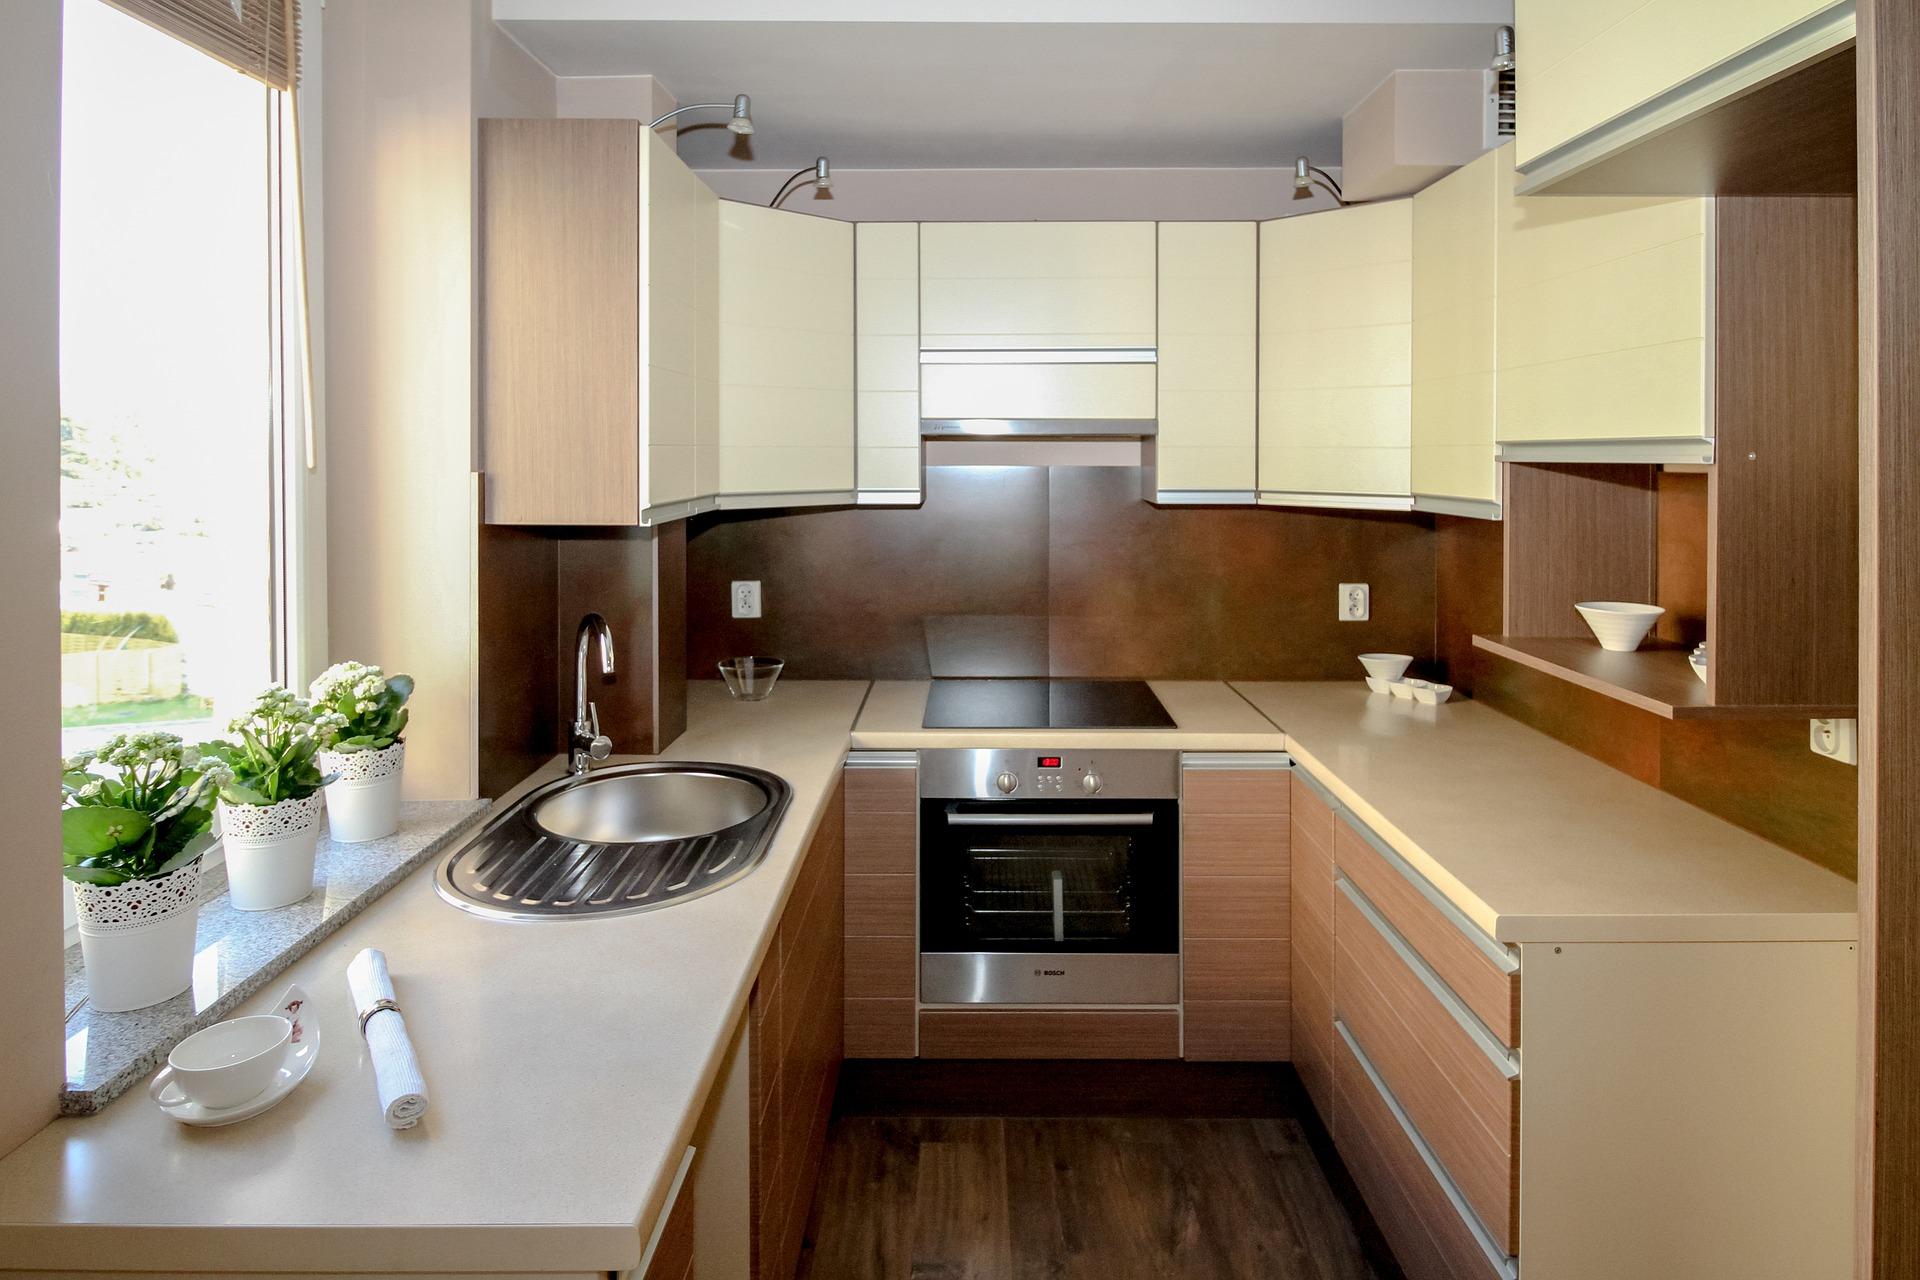 kitchen-2094707_1920